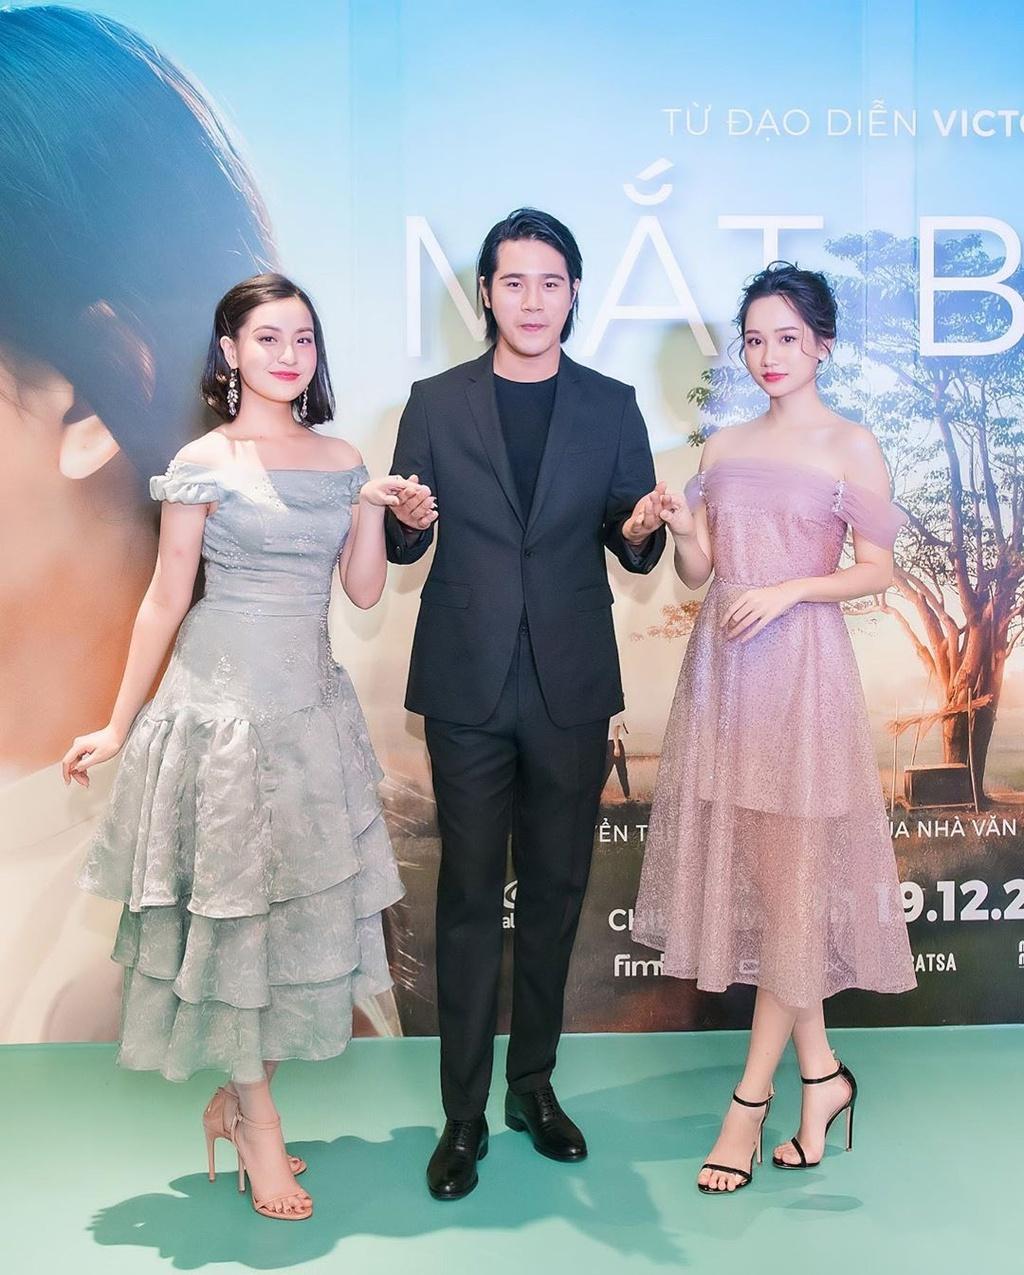 Ha Lan 'Mat biec' chuong style nang tho, Hong thich kieu truong thanh hinh anh 14 74521304_464465484449947_6214231320469450759_n.jpg